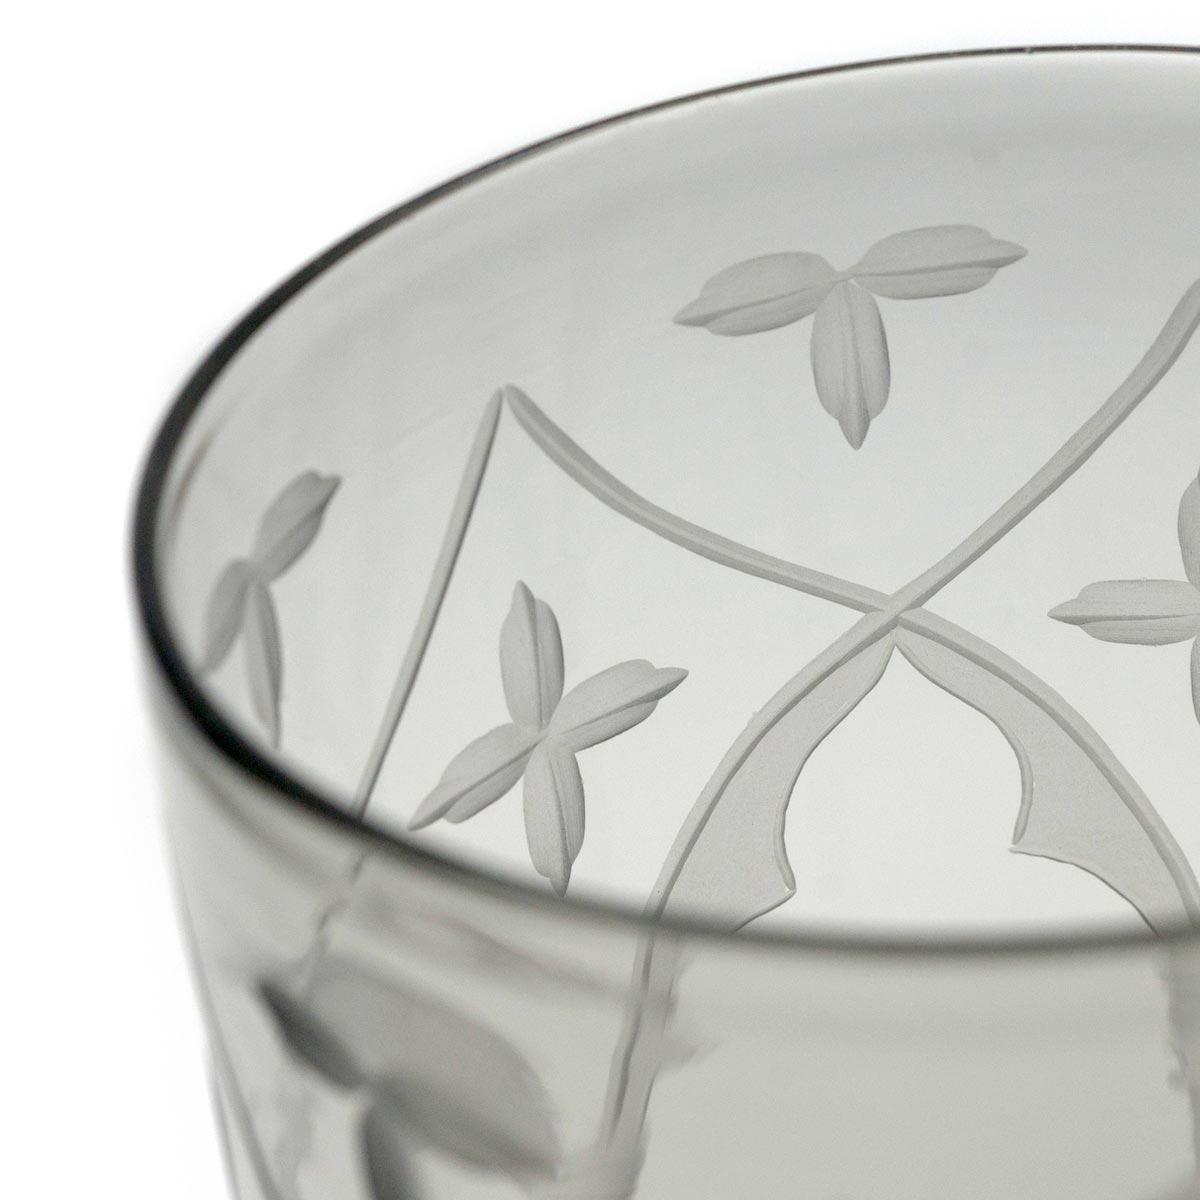 vase-candle-engraving-palace-palazzo-cadoro